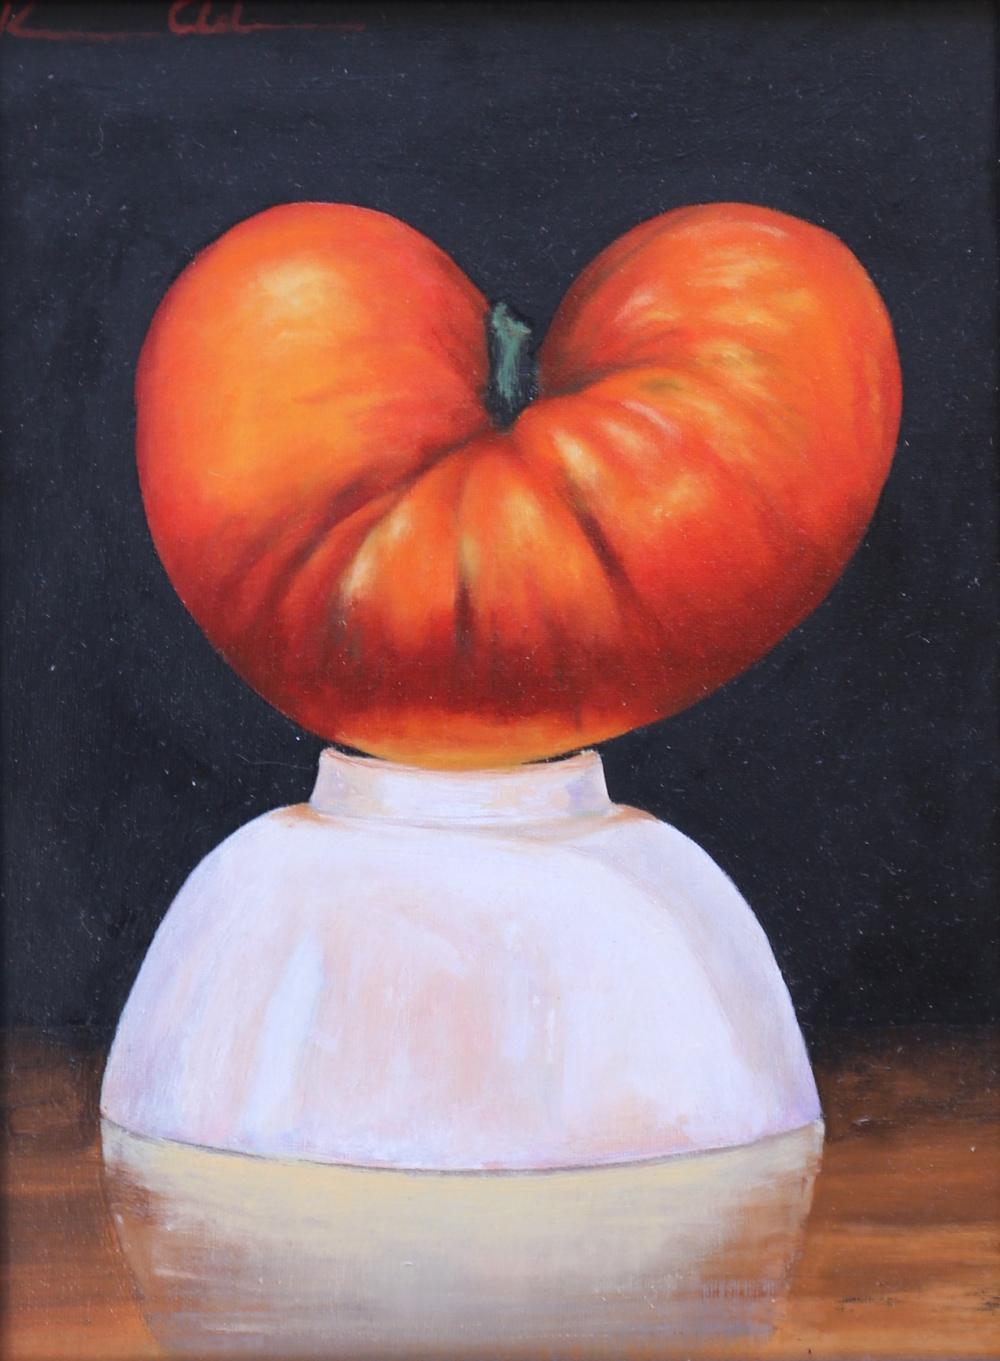 Tomato & White Bowl 9 X 12 oil on panel (SOLD)